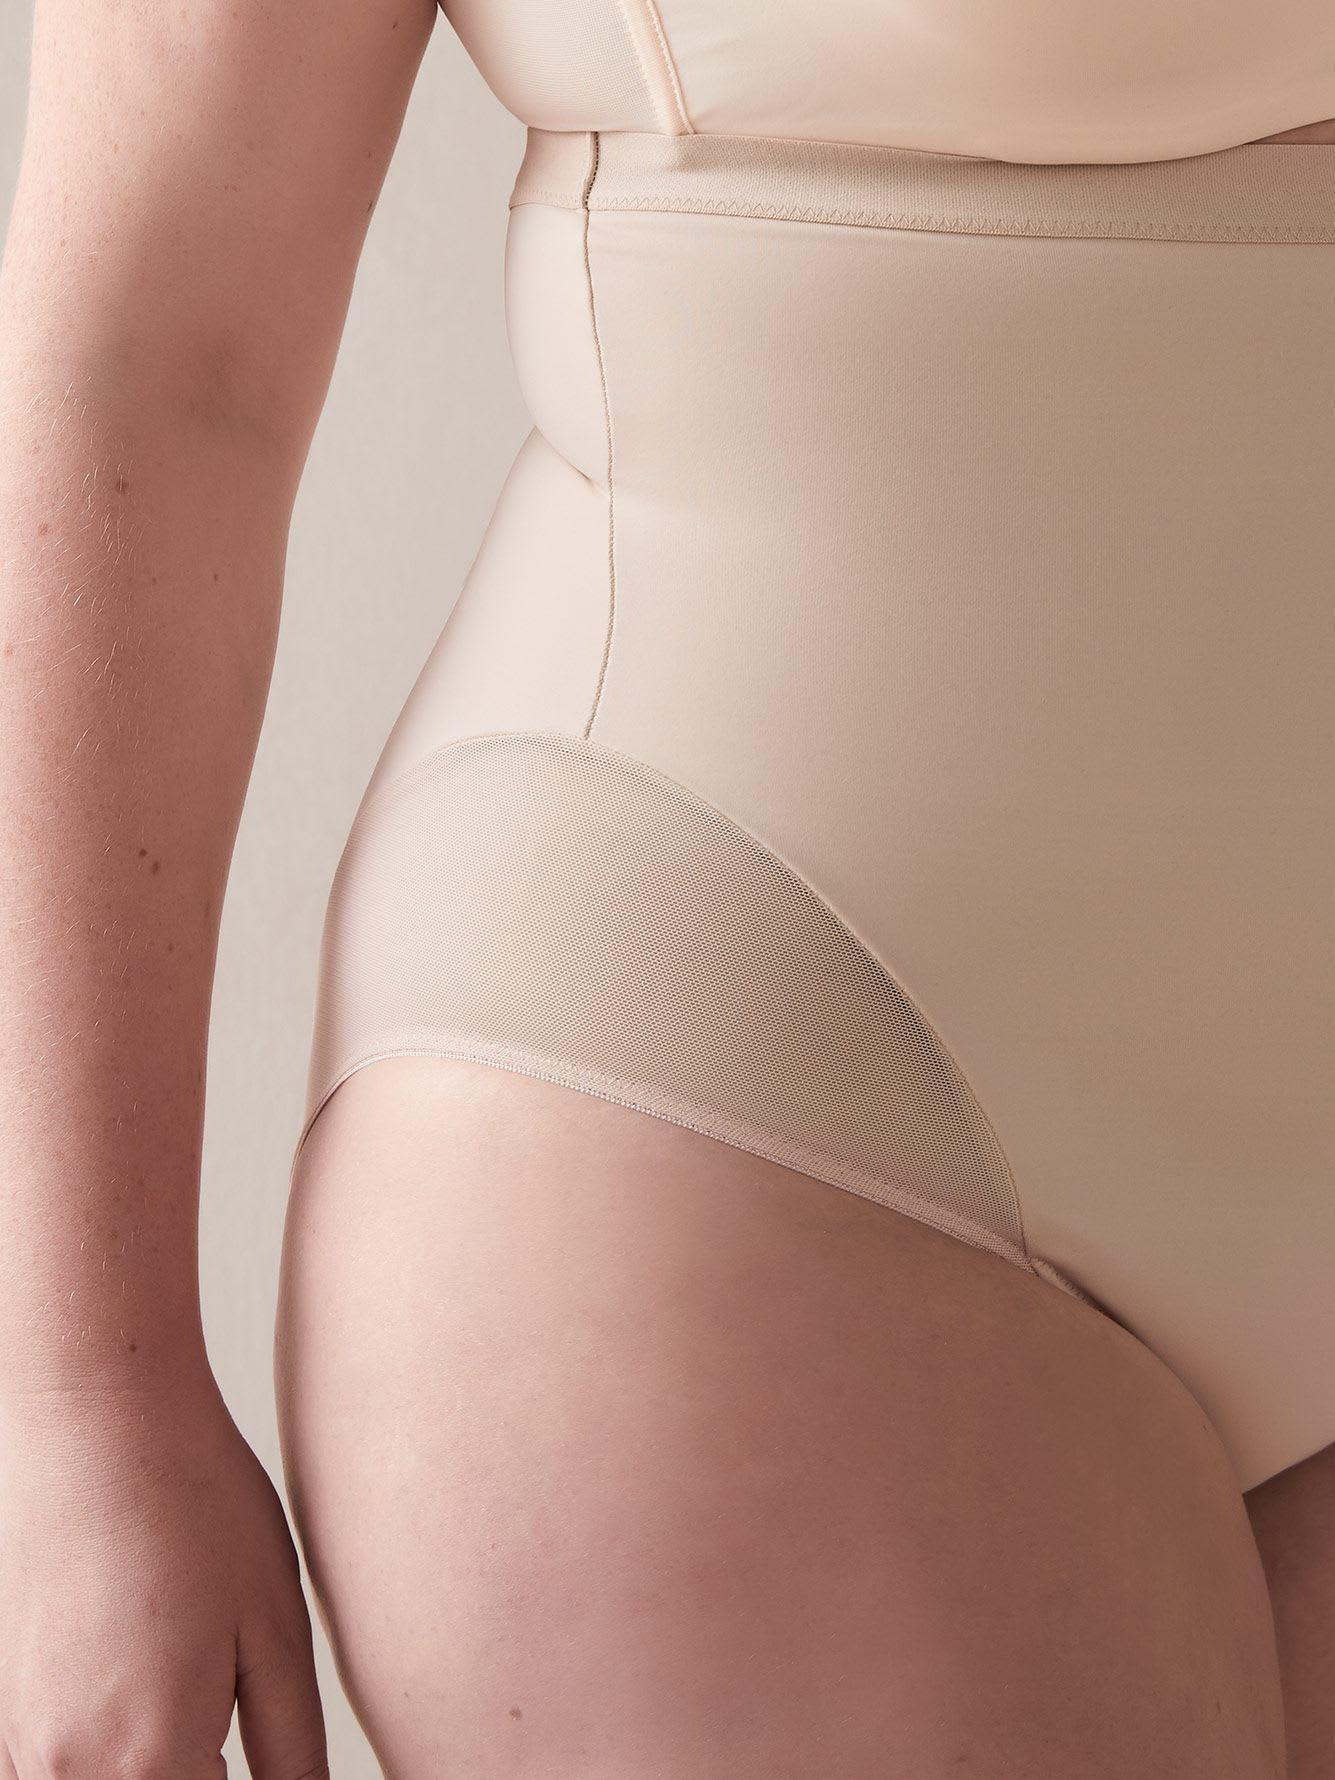 0b0980262a7f17 ... High Waist Cincher Panty - Déesse Collection - Lyst. View fullscreen